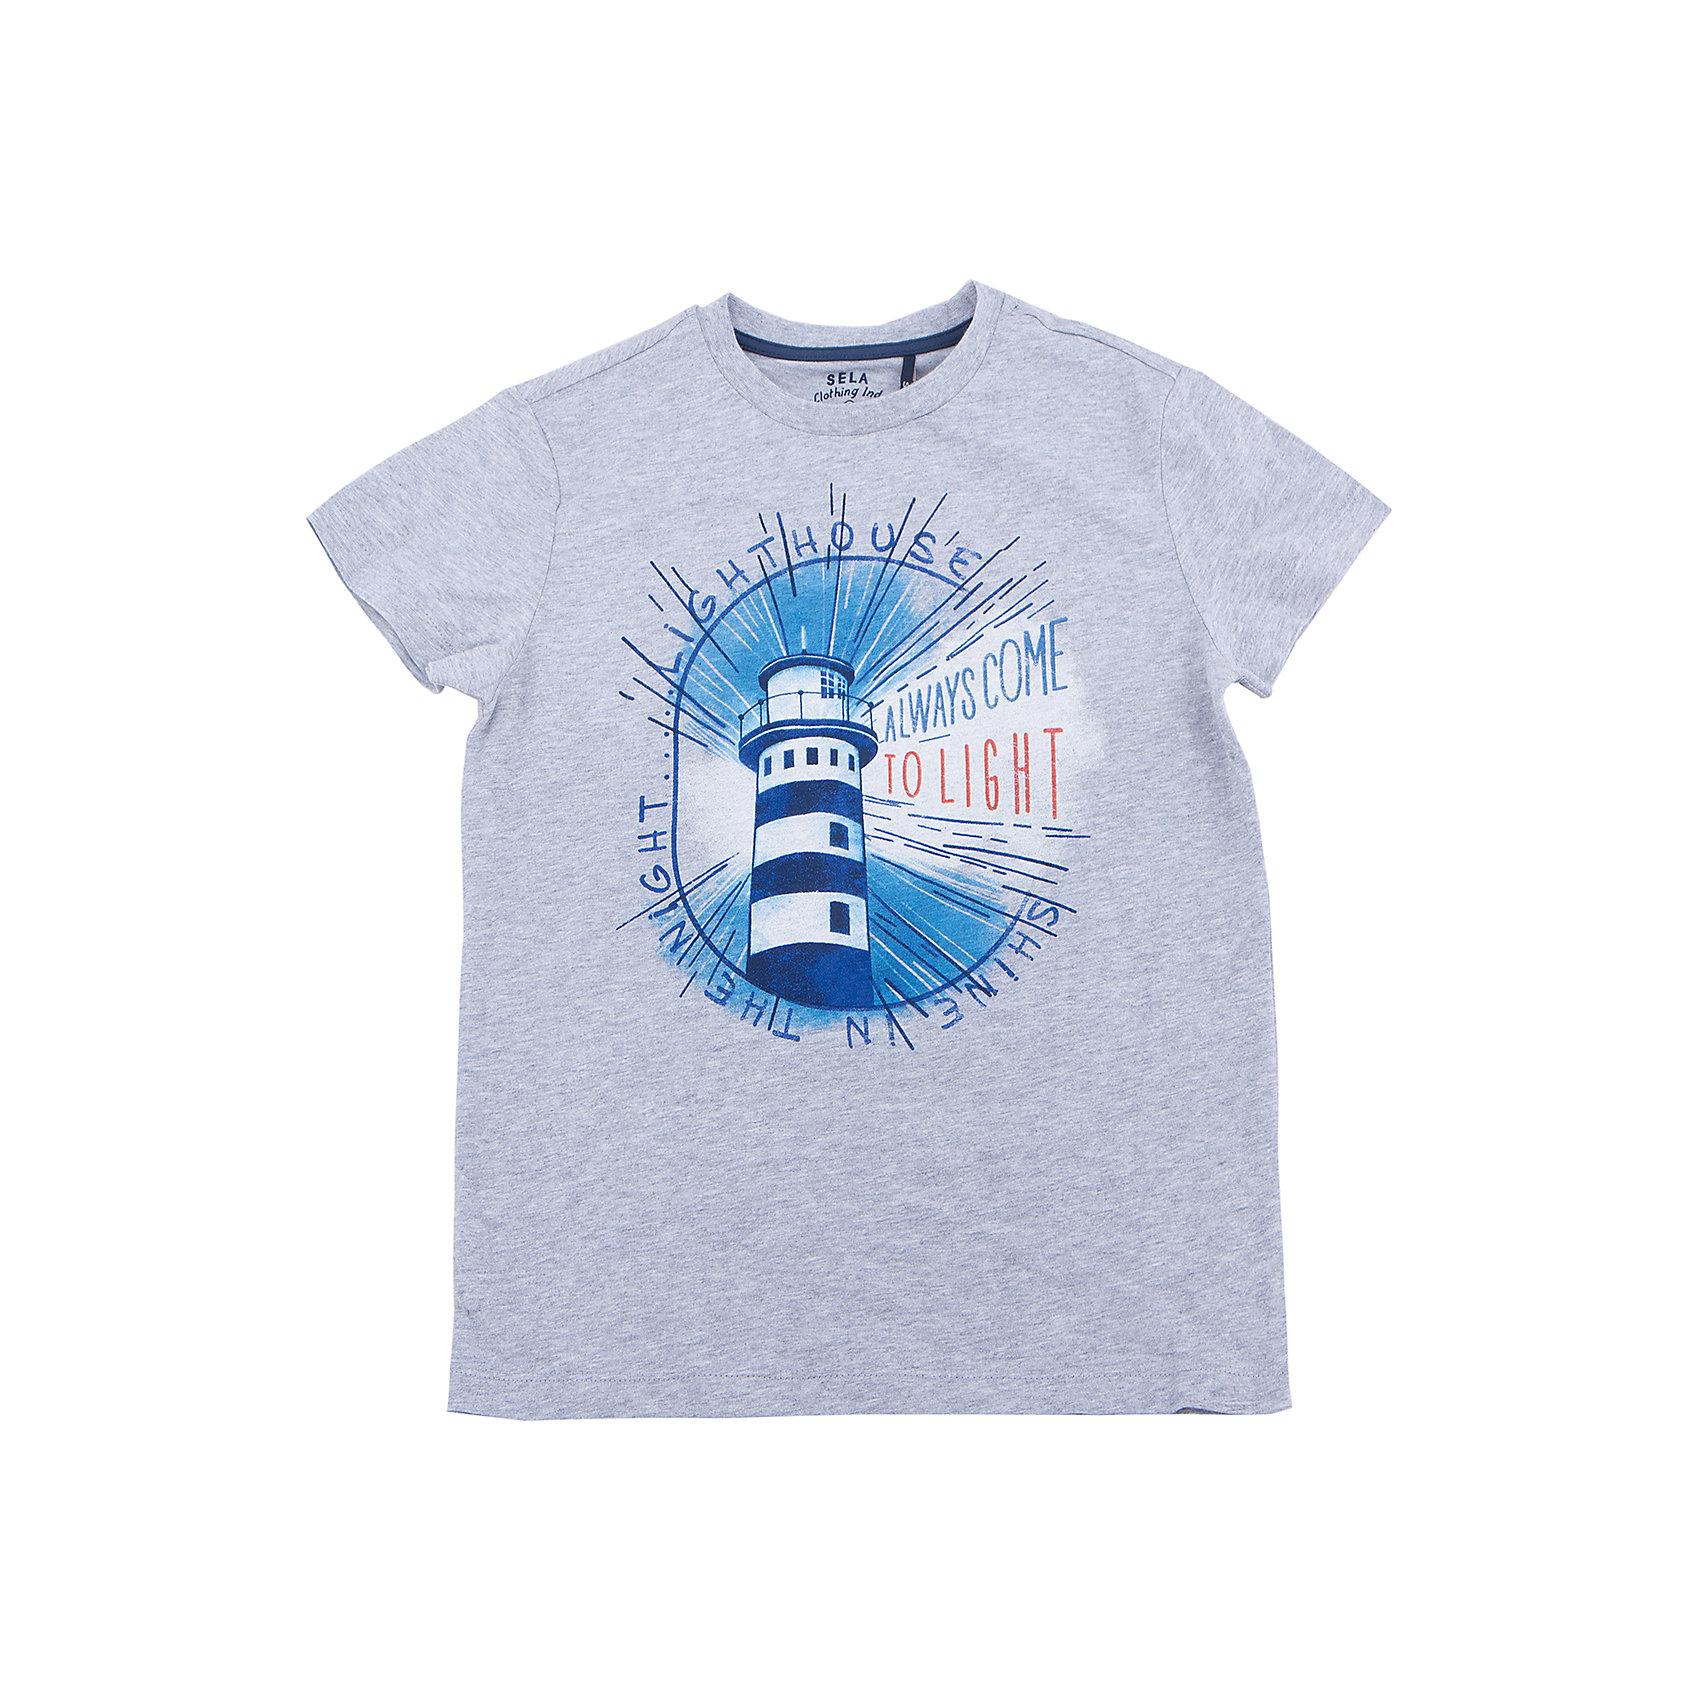 Футболка для мальчика SELAФутболки, поло и топы<br>Характеристики товара:<br><br>• состав: 100% хлопок<br>• сезон: лето<br>• рукава короткие<br>• округлый горловой вырез<br>• страна бренда: Россия<br><br>Вещи из новой коллекции SELA продолжают радовать удобством! Эта футболка для мальчика поможет разнообразить гардероб ребенка и обеспечить комфорт. Она отлично сочетается с шортами и брюками. Стильная и удобная вещь!<br><br>Одежда, обувь и аксессуары от российского бренда SELA не зря пользуются большой популярностью у детей и взрослых!<br><br>Футболку для мальчика от популярного бренда SELA (СЕЛА) можно купить в нашем интернет-магазине.<br><br>Ширина мм: 230<br>Глубина мм: 40<br>Высота мм: 220<br>Вес г: 250<br>Цвет: серый<br>Возраст от месяцев: 108<br>Возраст до месяцев: 120<br>Пол: Мужской<br>Возраст: Детский<br>Размер: 140,134,146,152,122,128<br>SKU: 5304095